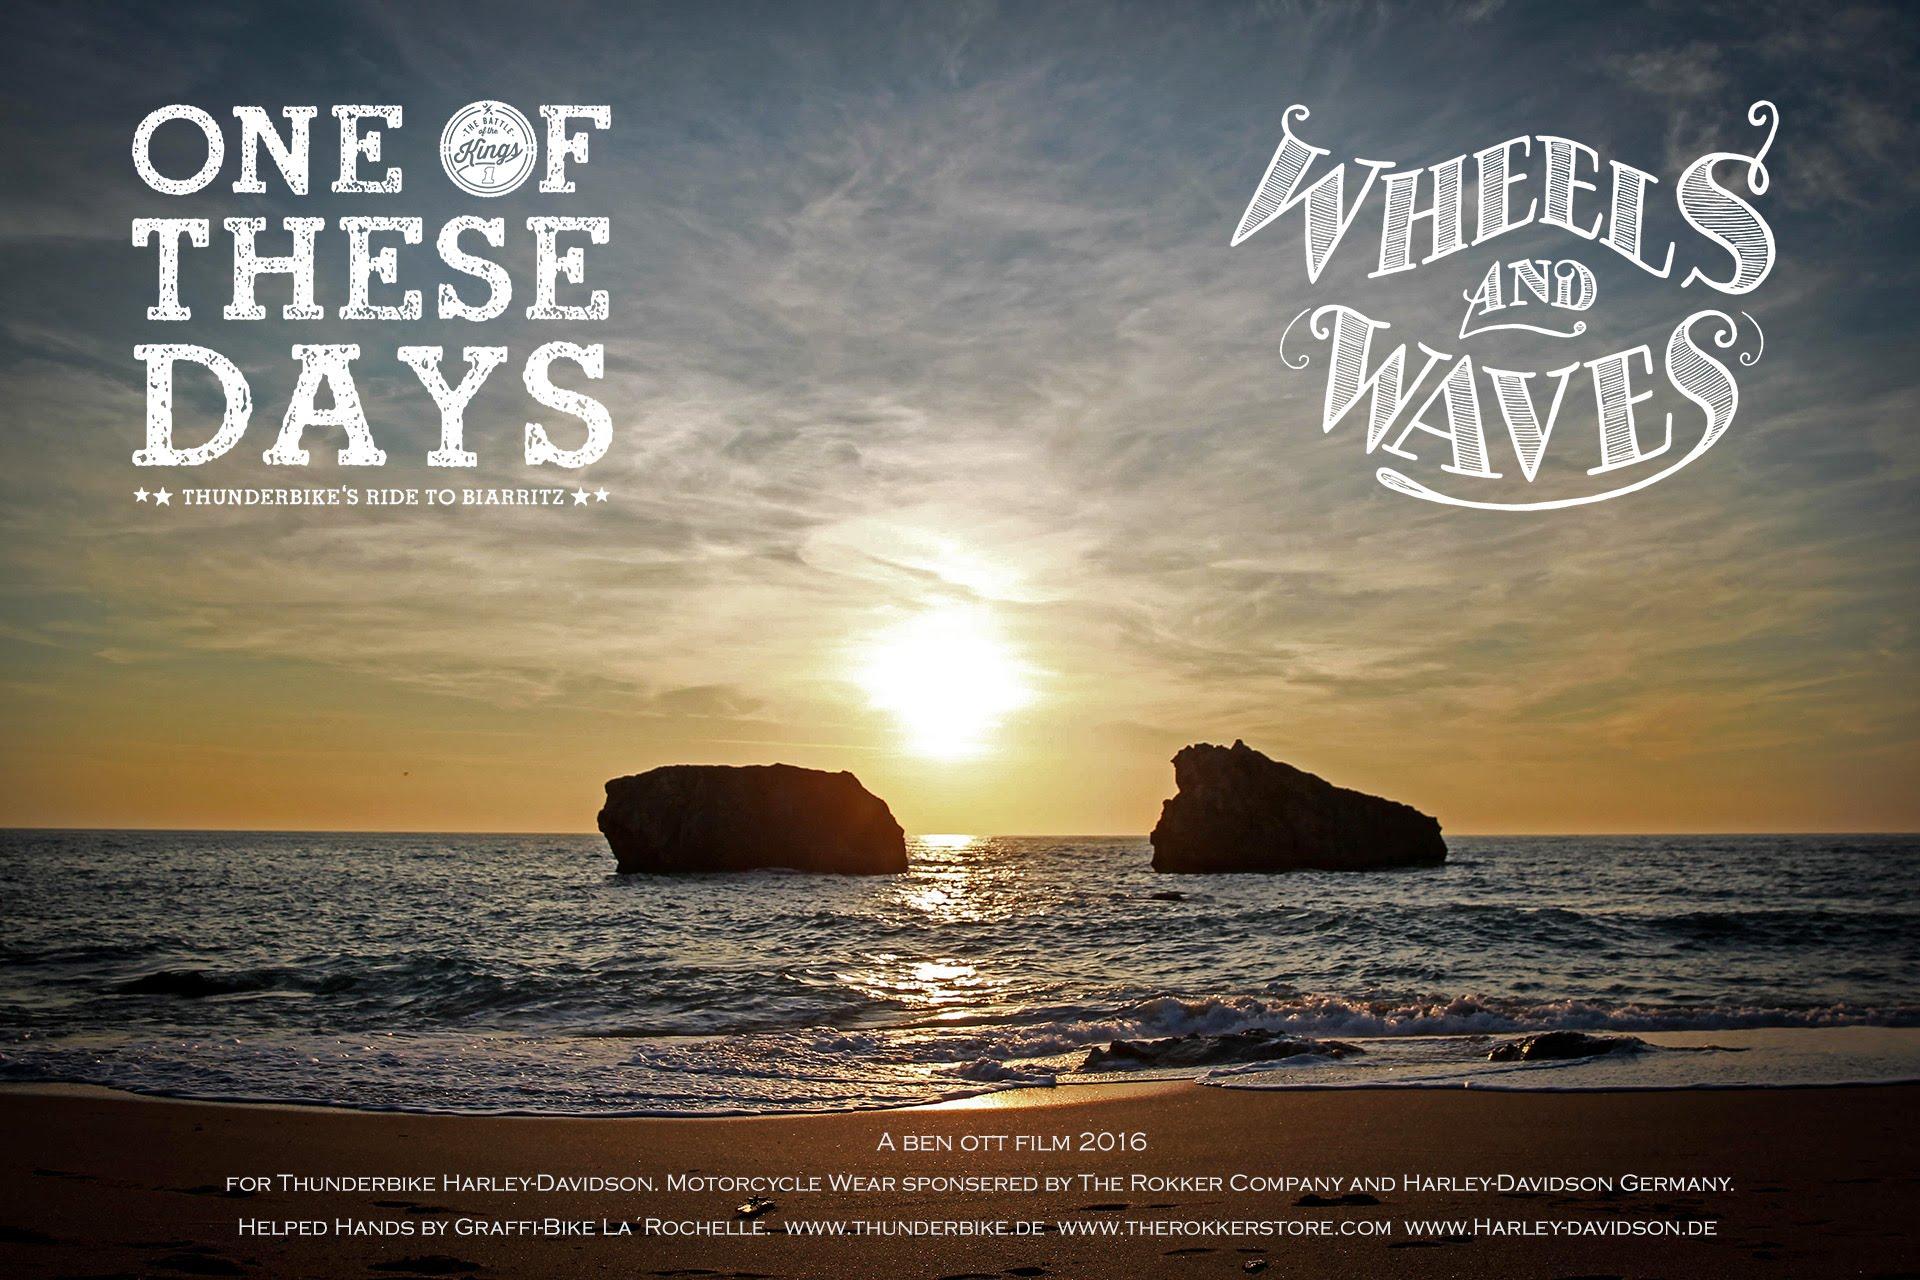 Thunderbike goes Wheels & Waves 2016